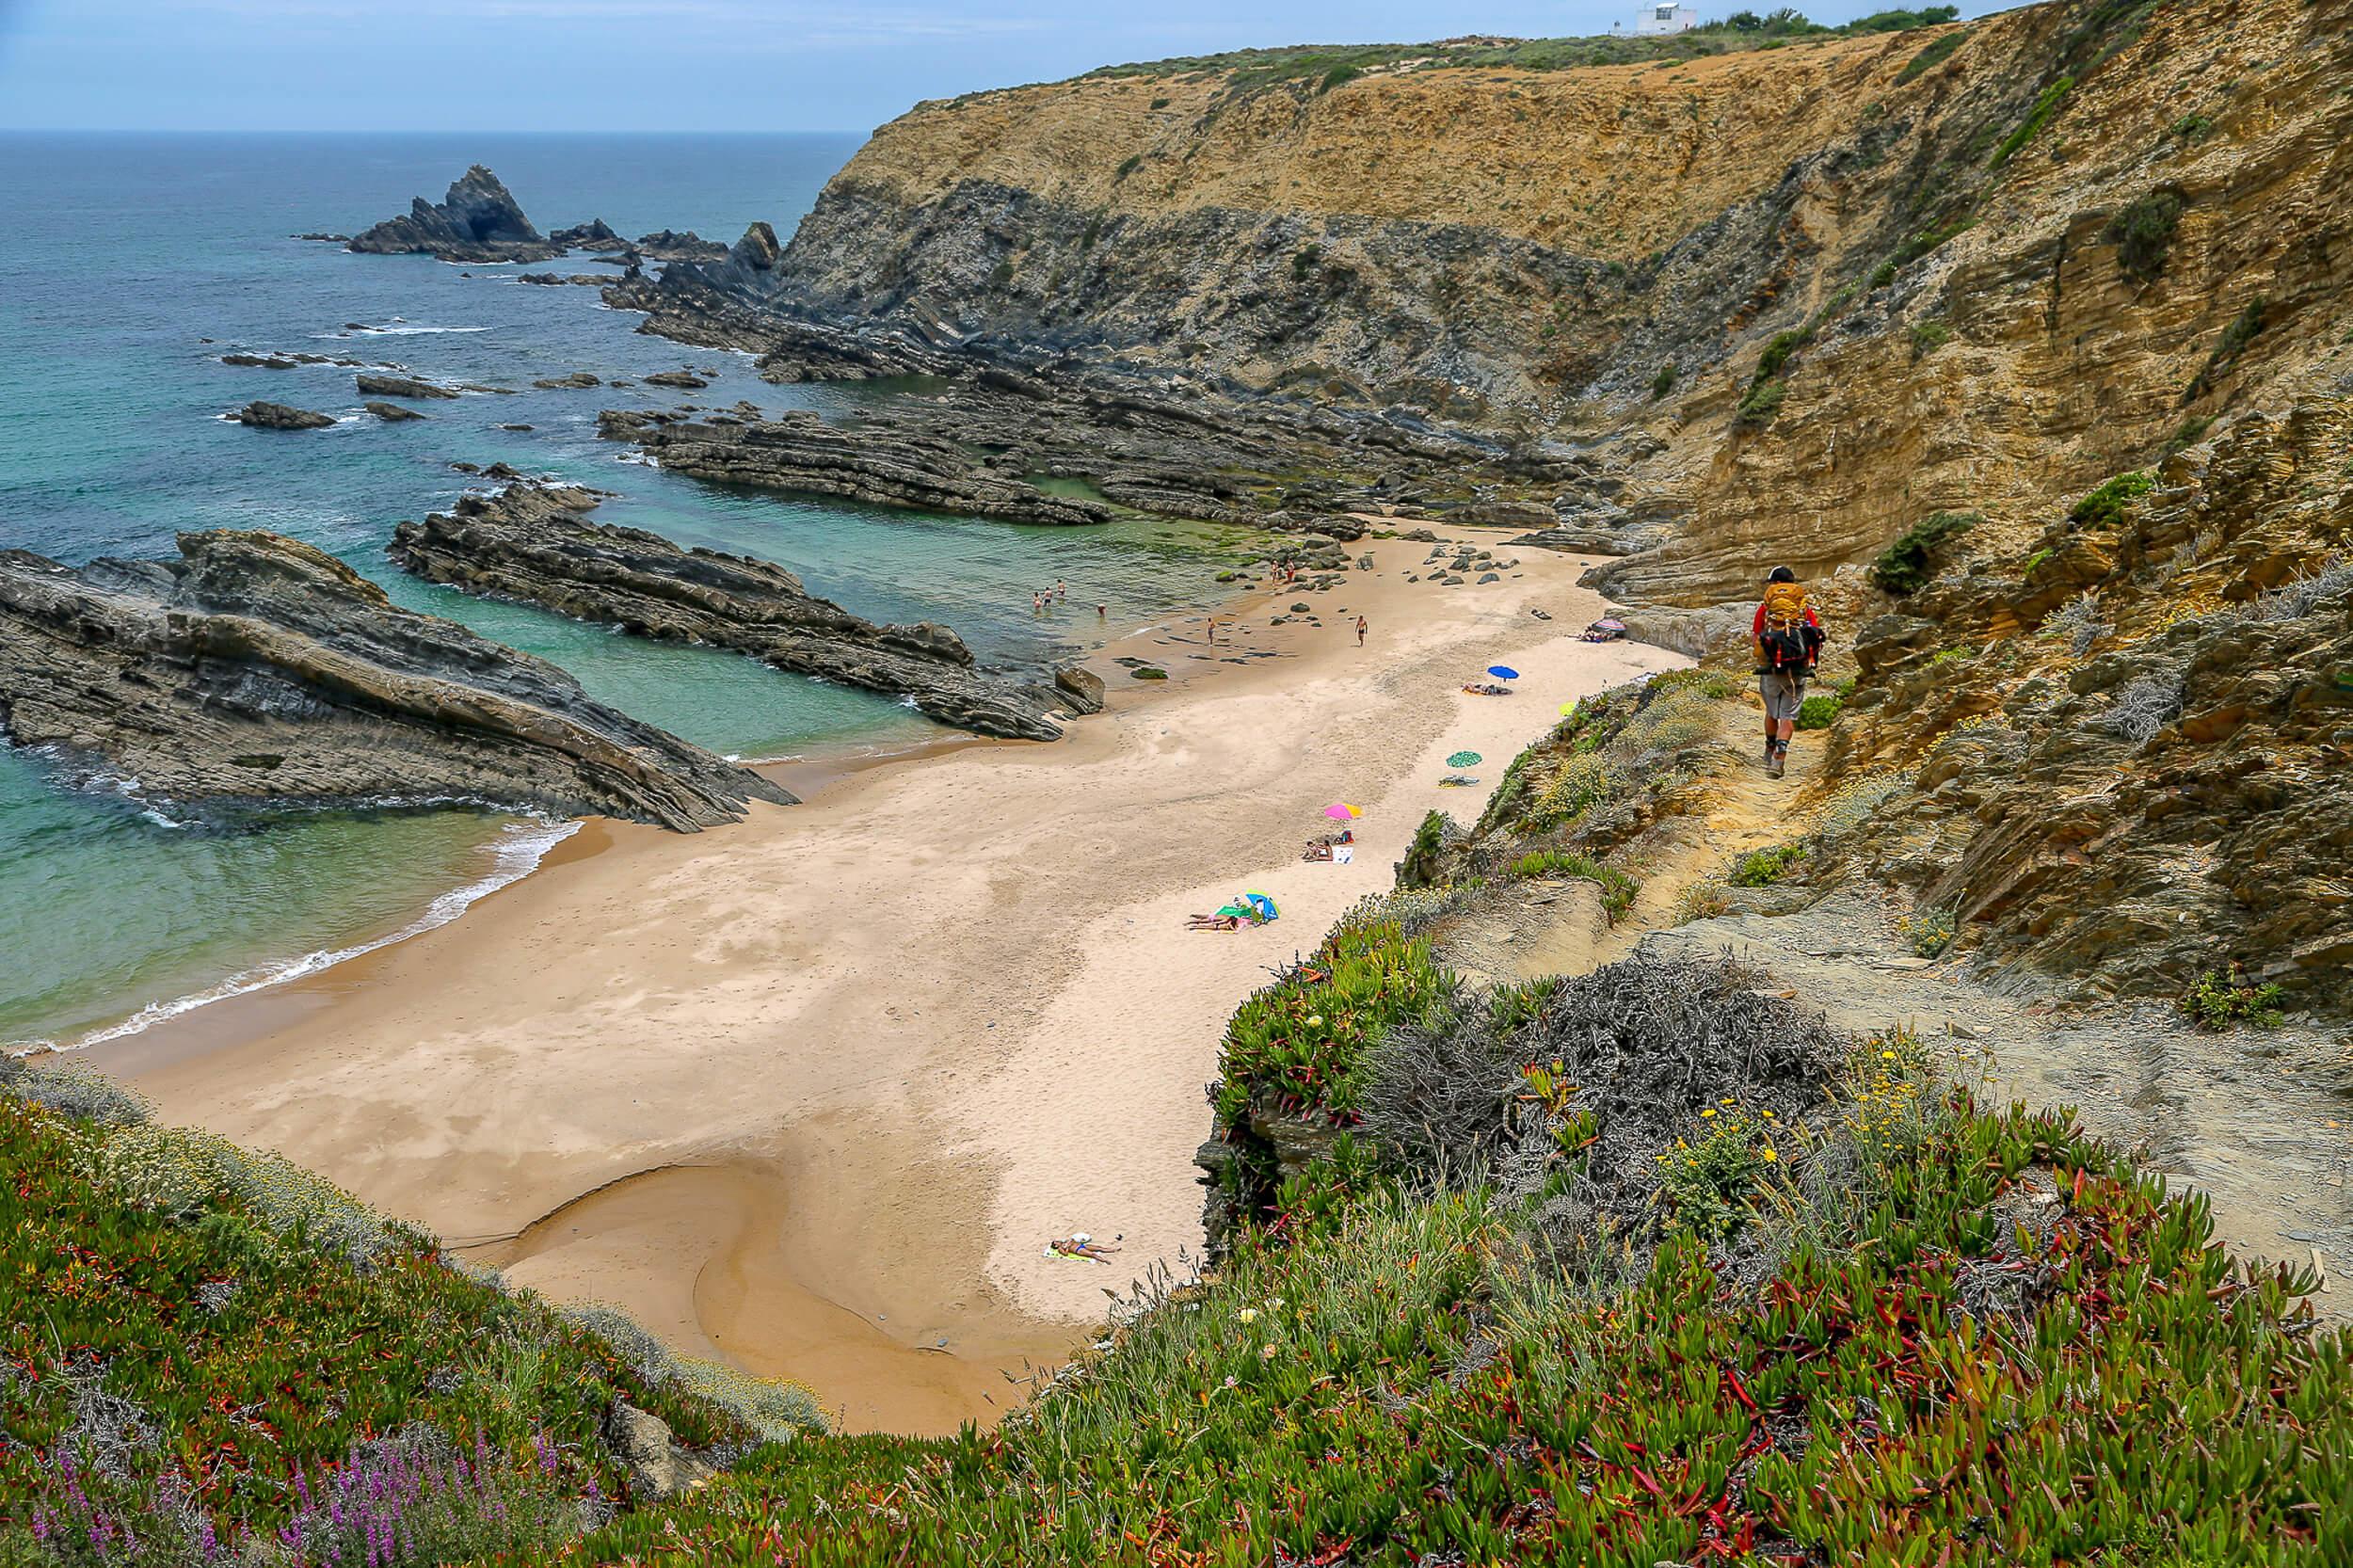 Praia dos Alteirinhos path